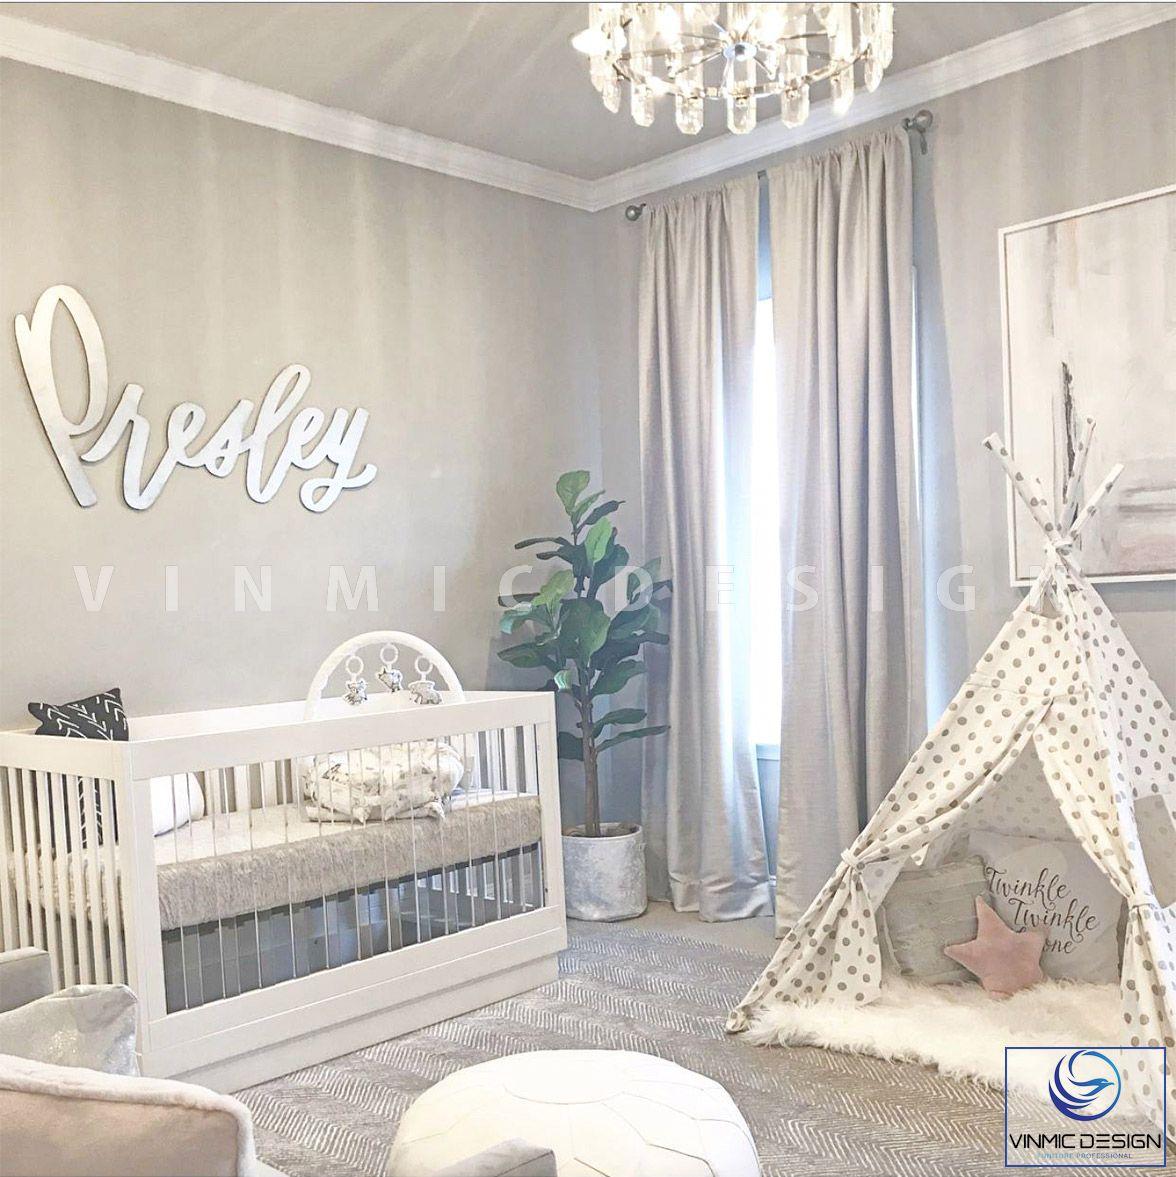 Thiết kế phòng ngủ bé sơ sinh với tone màu ghi hiện đại